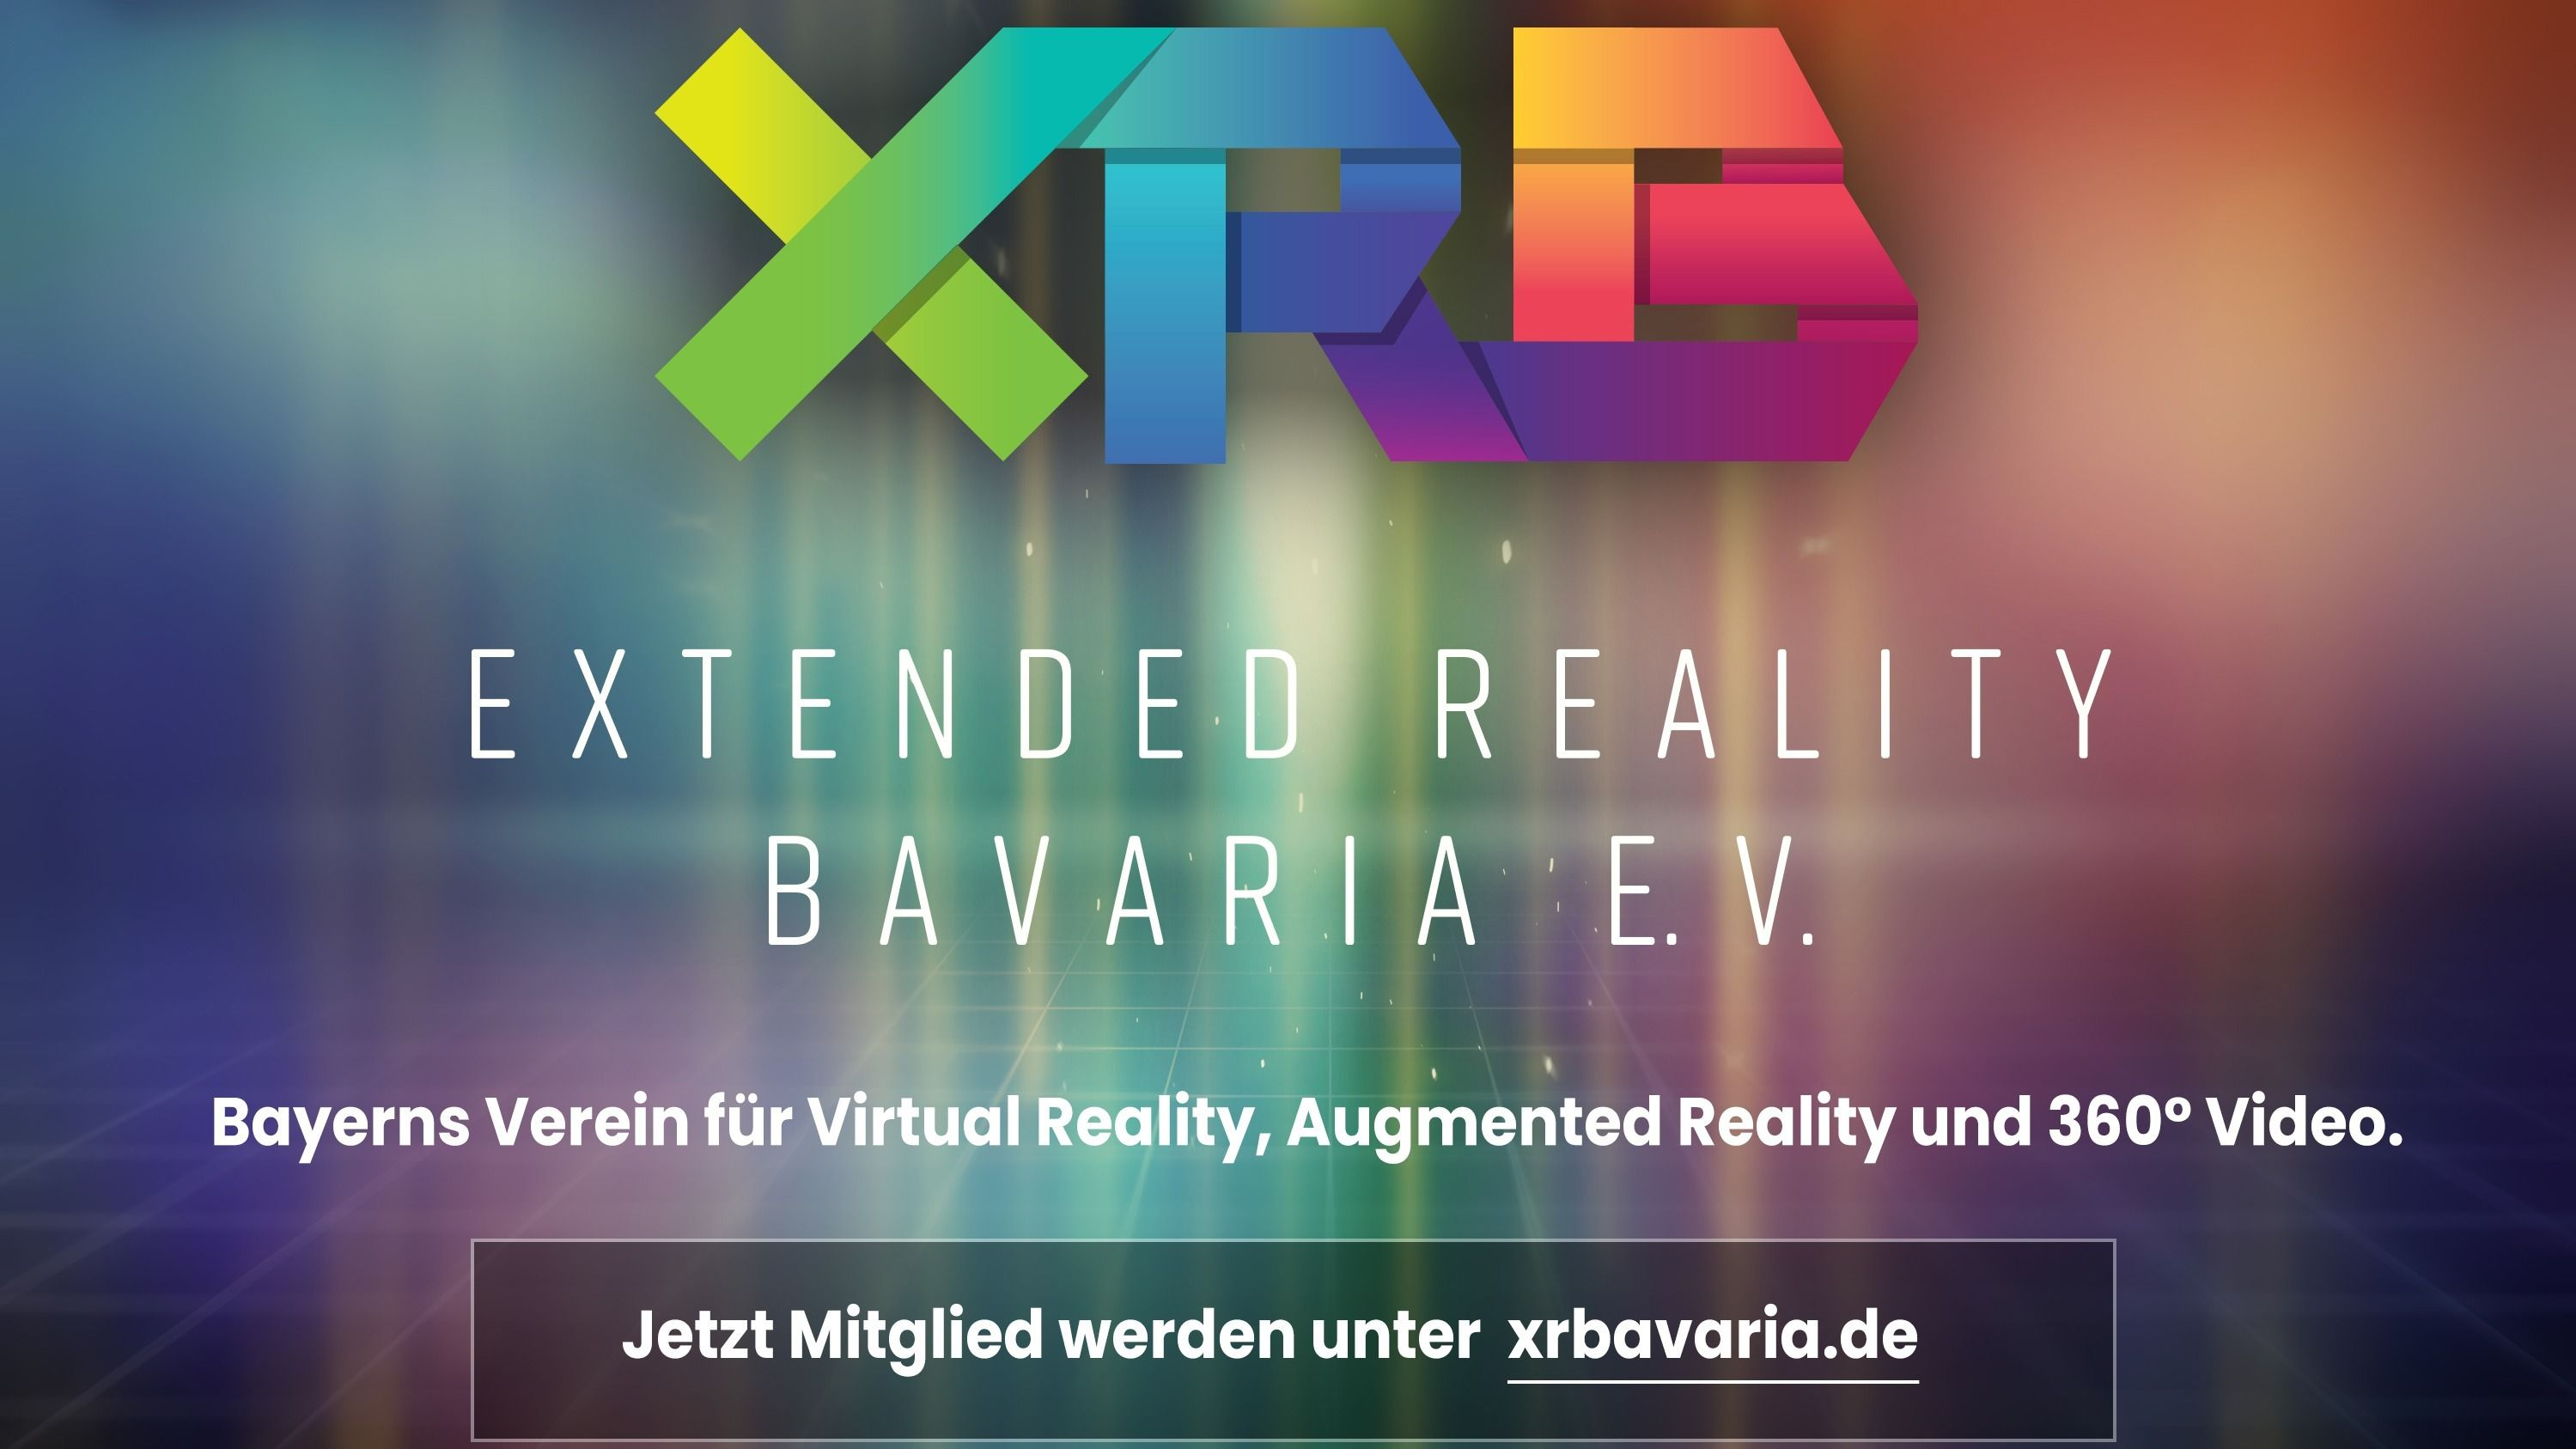 VR, AR, 360° Video Meetup Munich by XR Bavaria